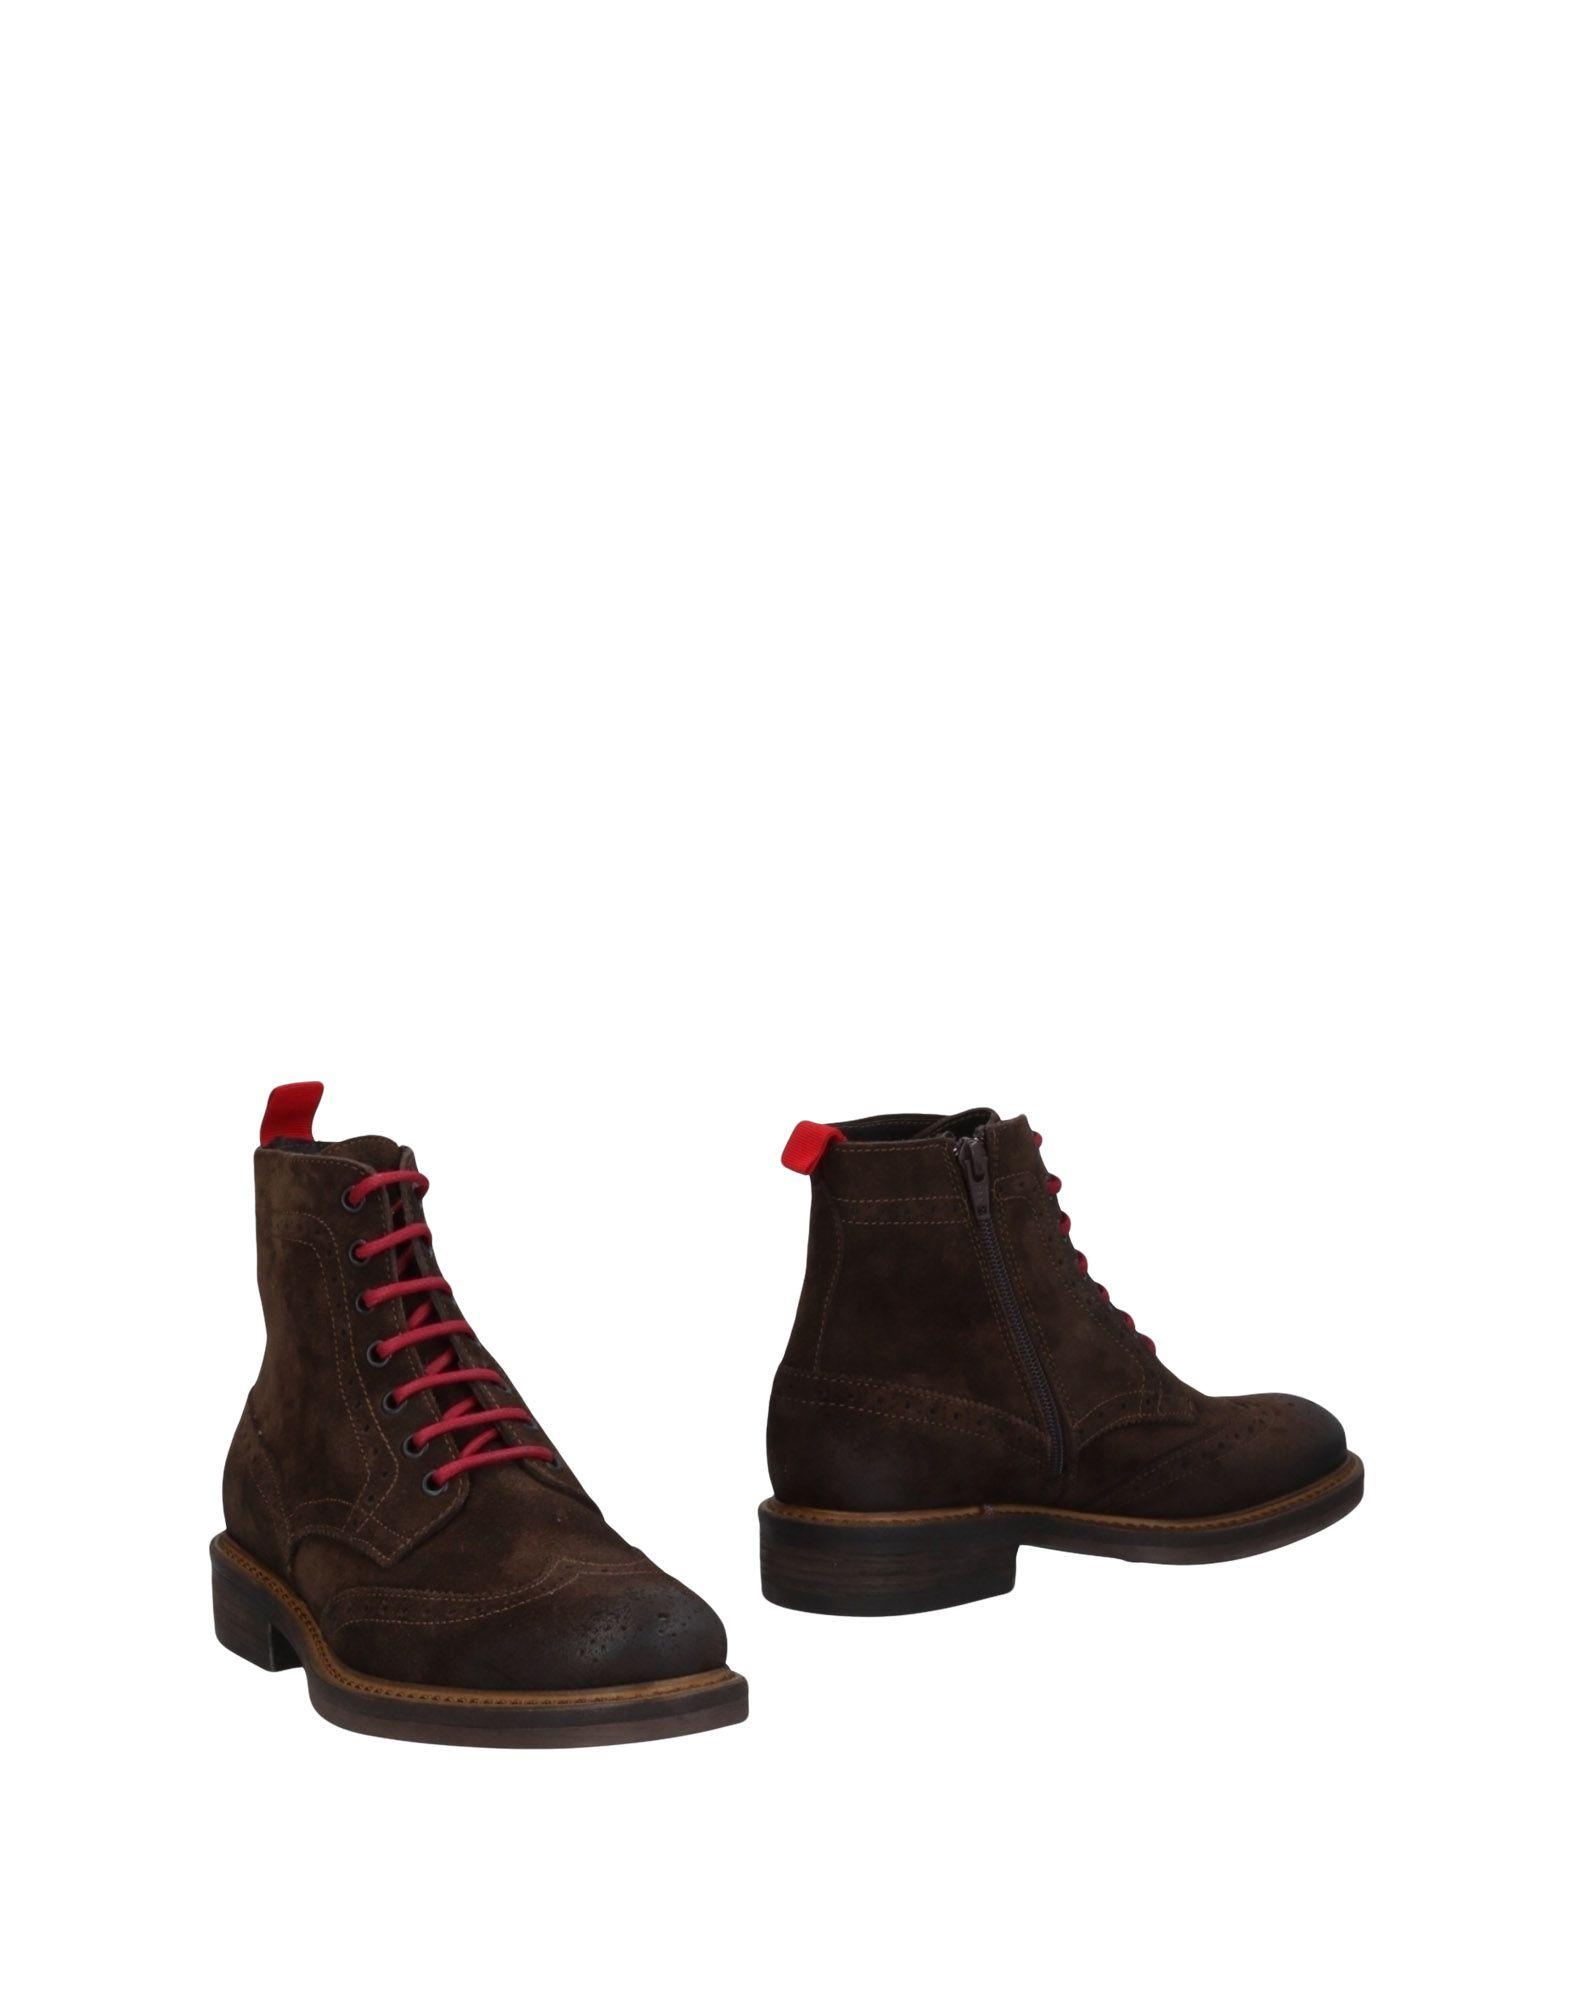 Dama Stiefelette Damen  11464459WRGut aussehende strapazierfähige Schuhe